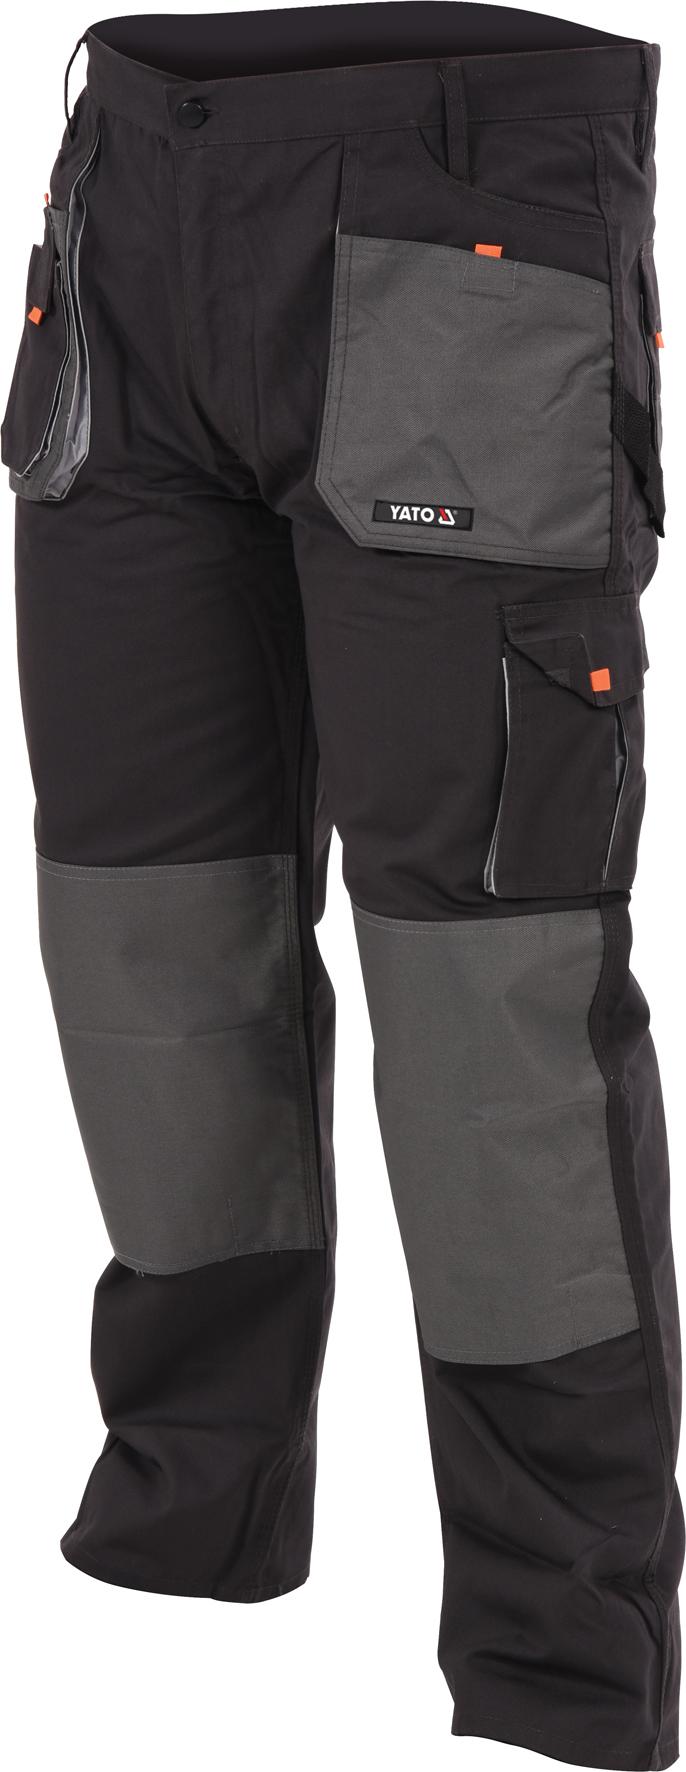 Pracovní kalhoty vel. L/XL